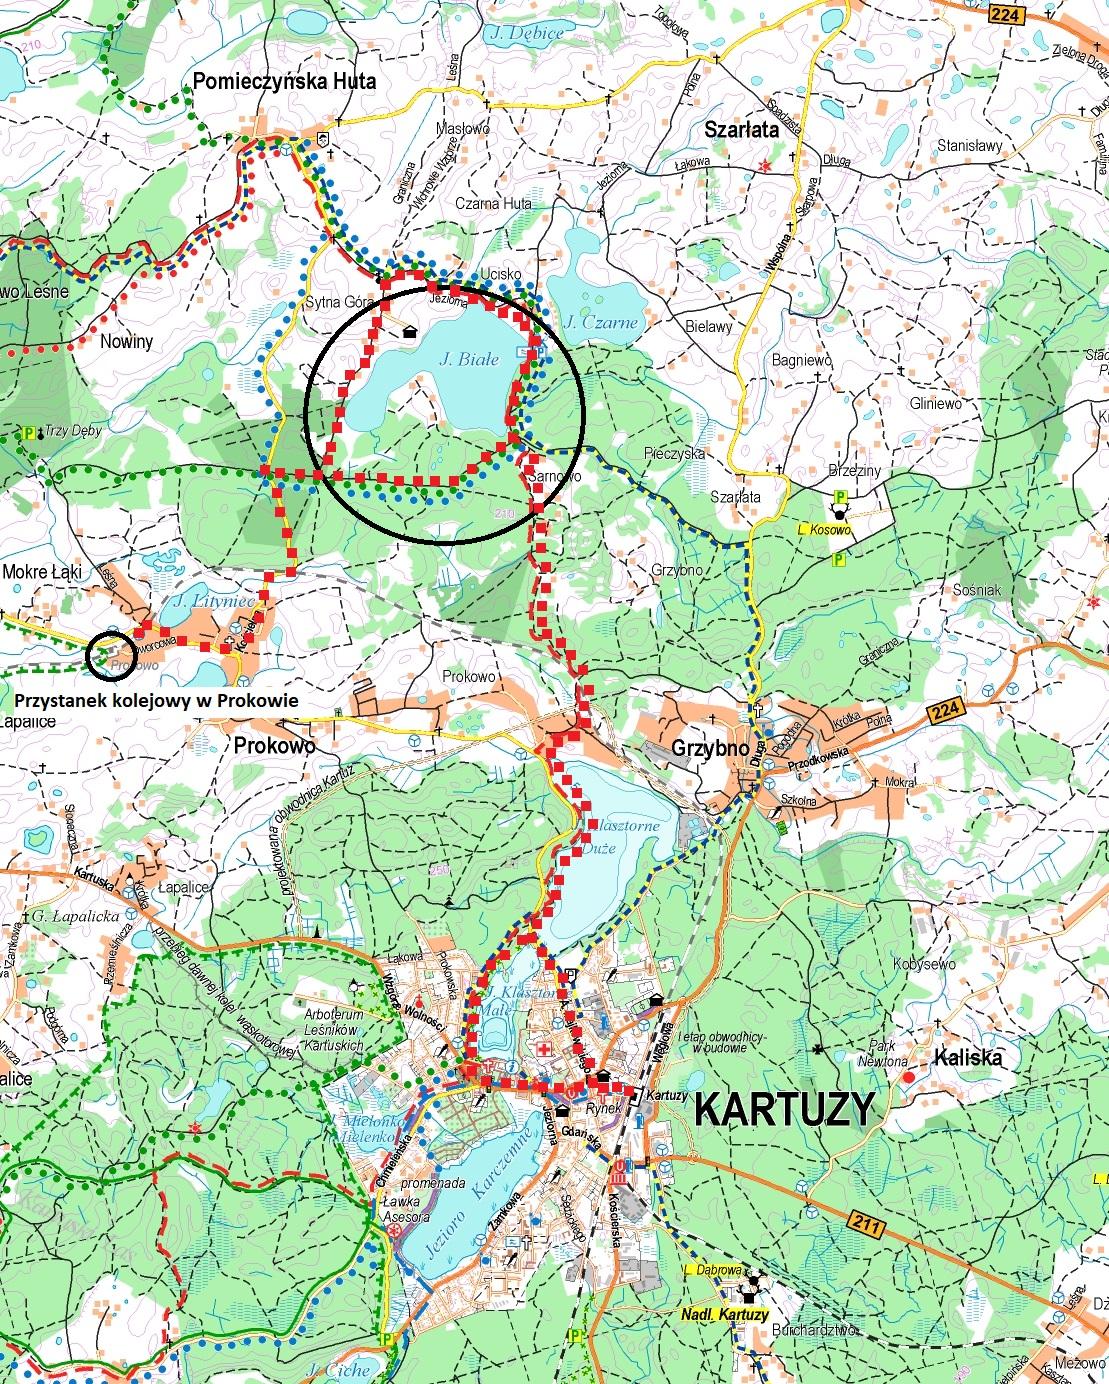 Linia kolejowa Kartuzy - Sierakowice. Okolice Prokowa. Źródło: Stowarzyszenie Turystyczne Kaszuby